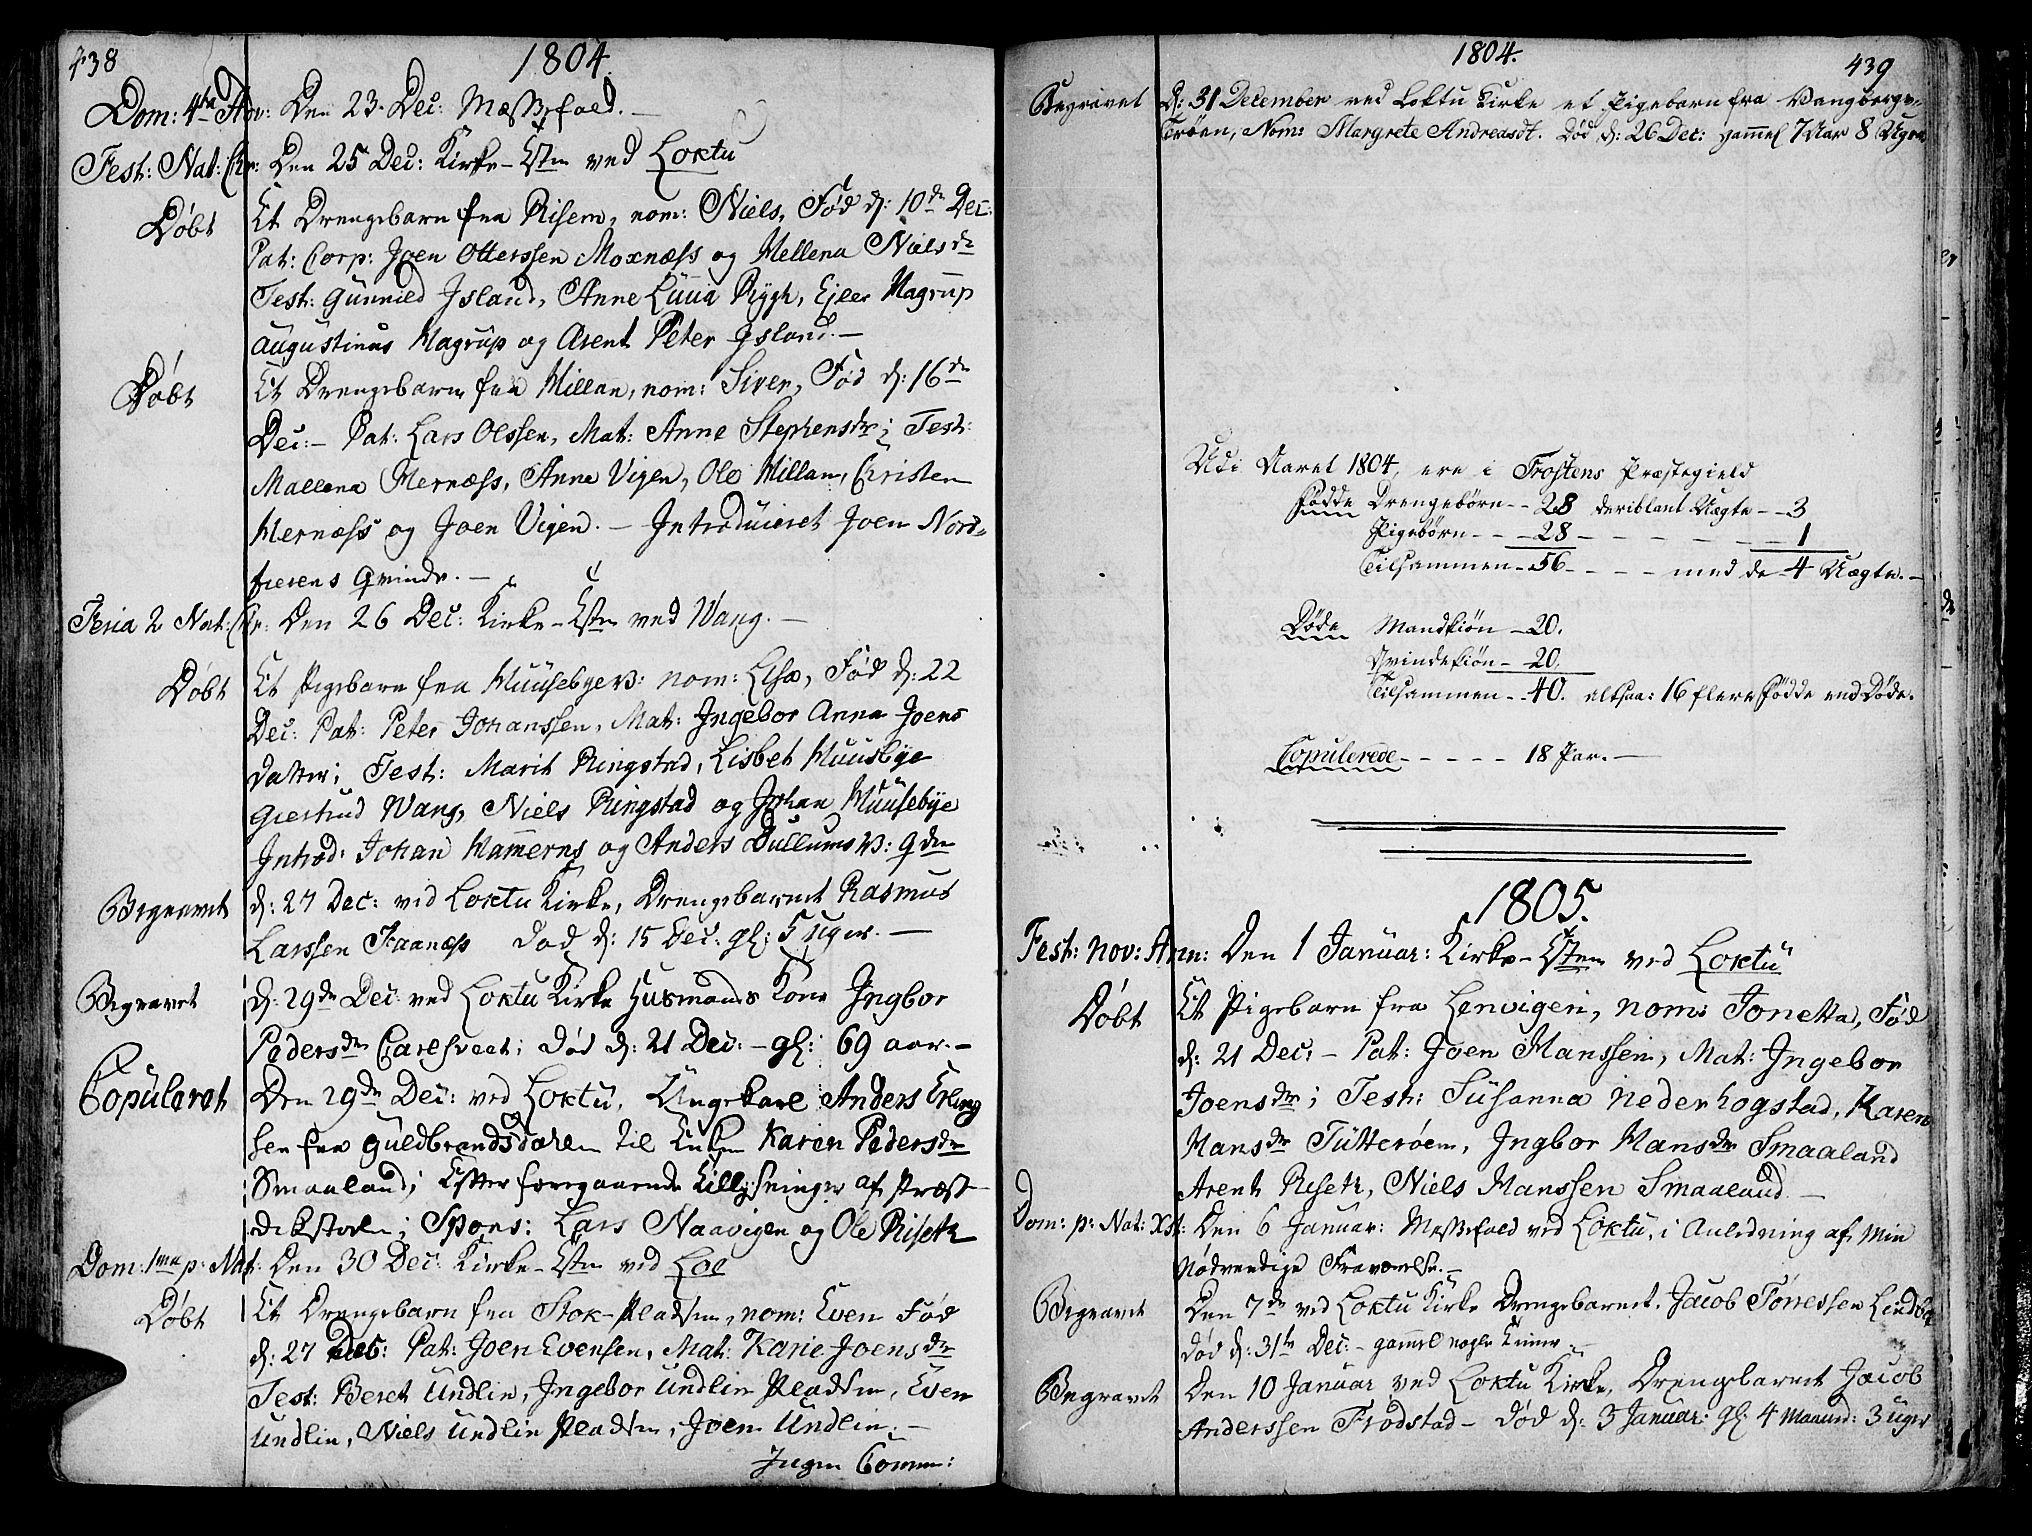 SAT, Ministerialprotokoller, klokkerbøker og fødselsregistre - Nord-Trøndelag, 713/L0110: Ministerialbok nr. 713A02, 1778-1811, s. 438-439